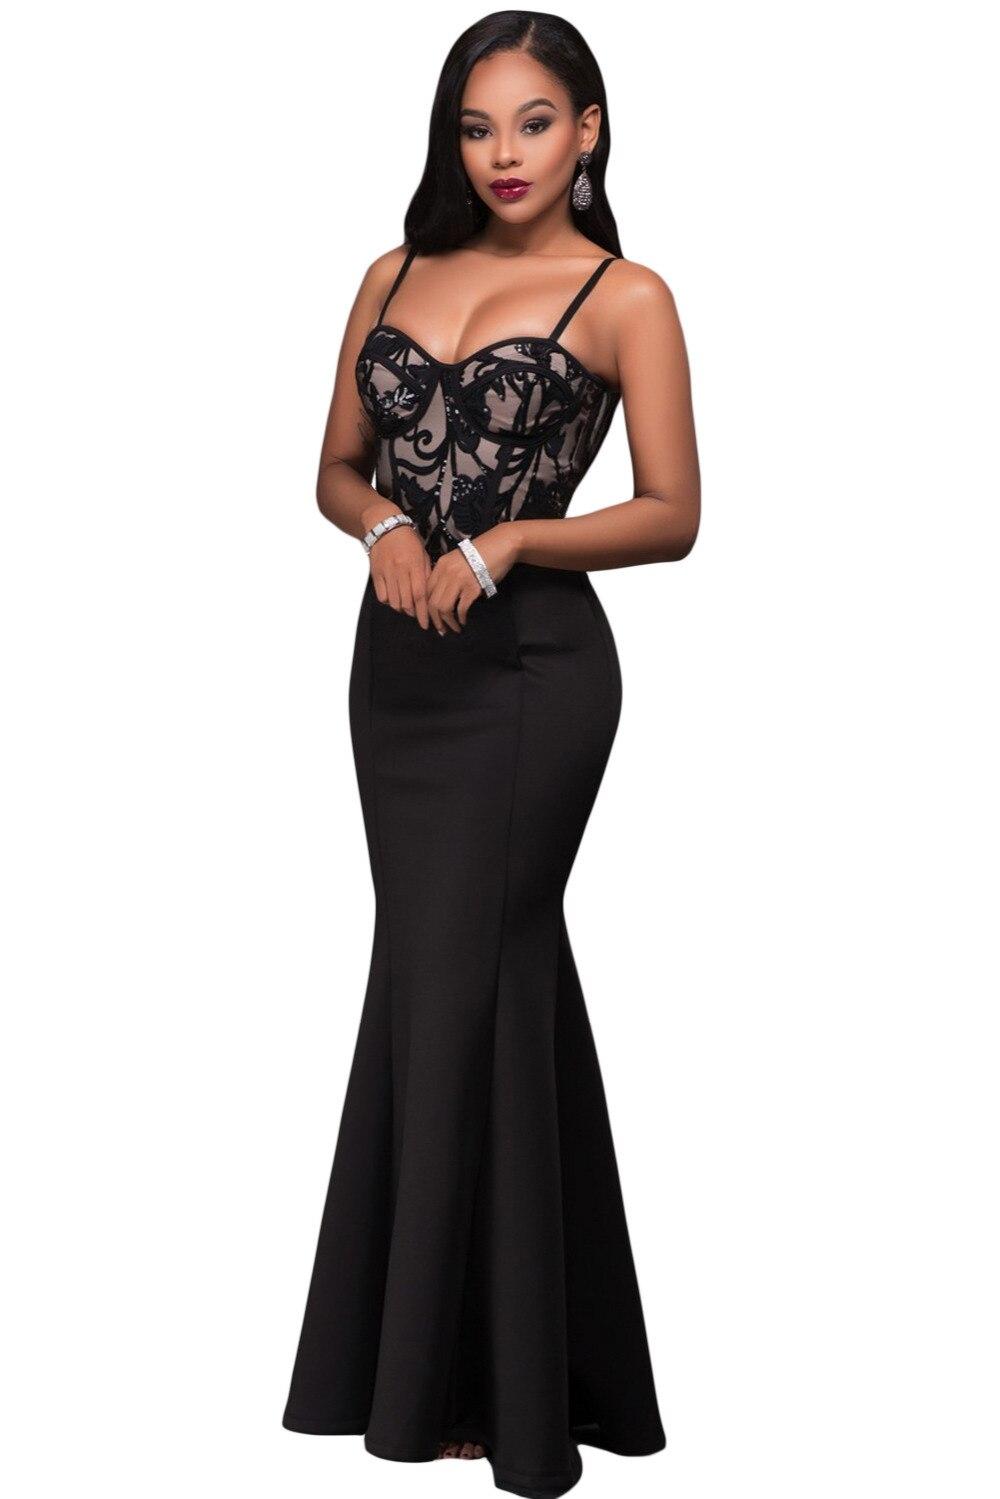 Frau kleider Promi formale dünne taille cocktail knöchellangen ...